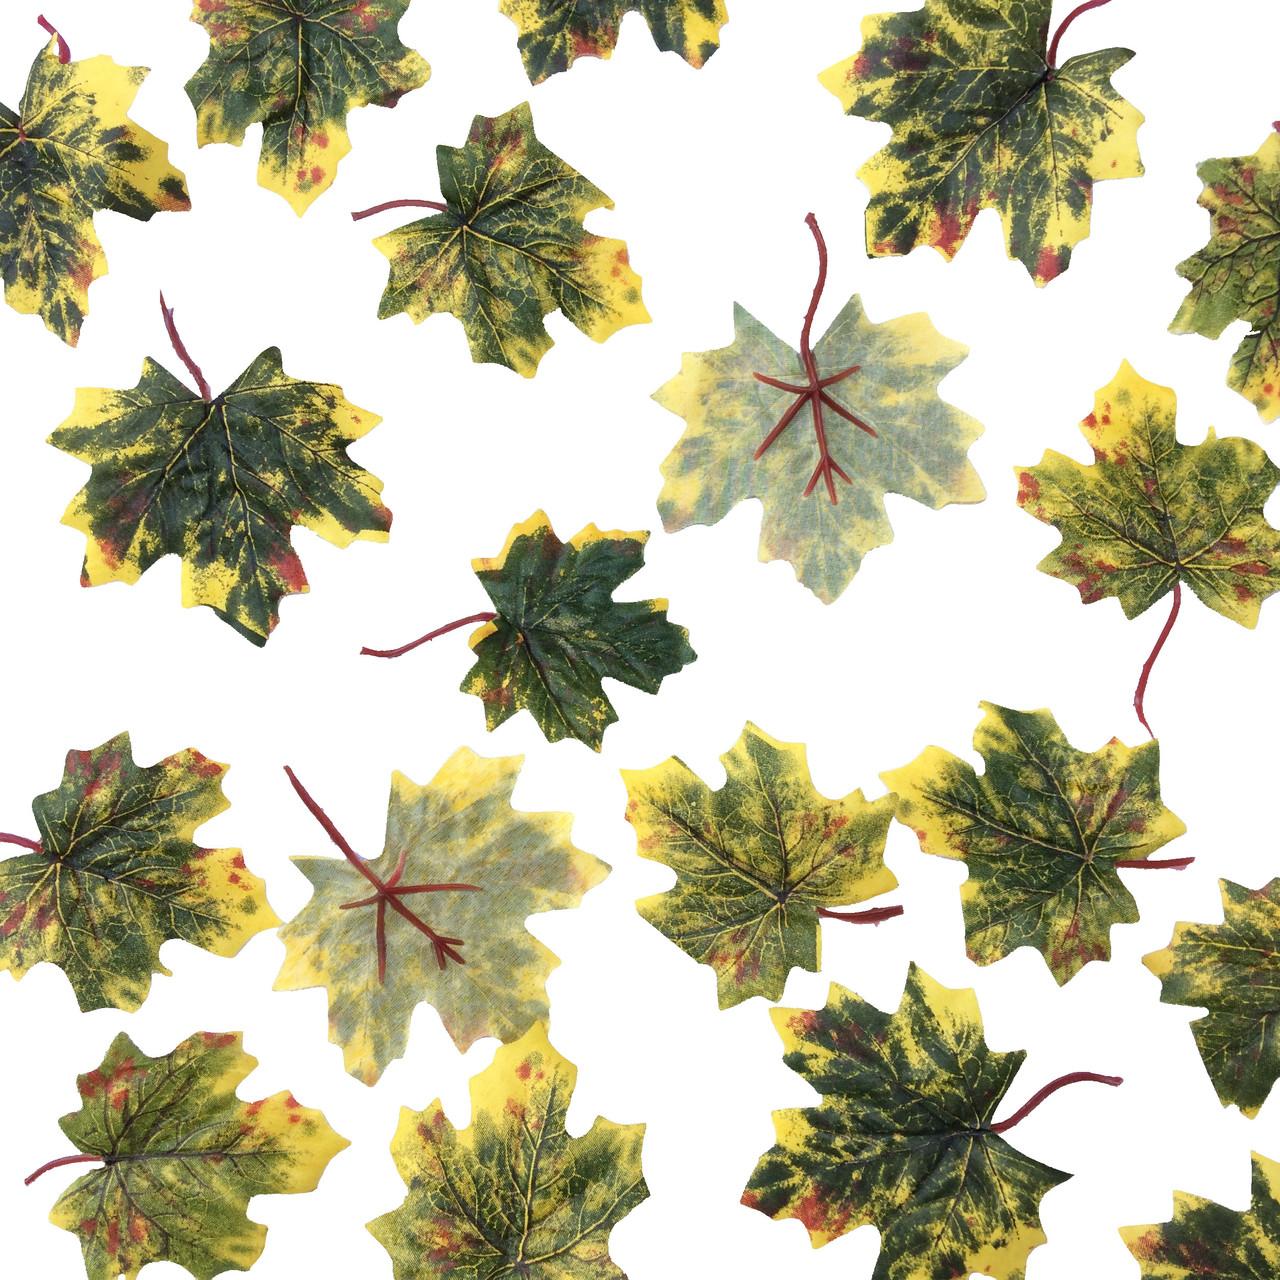 Искусственные листья клена желто- зеленные c хвостиком  50 шт в уп